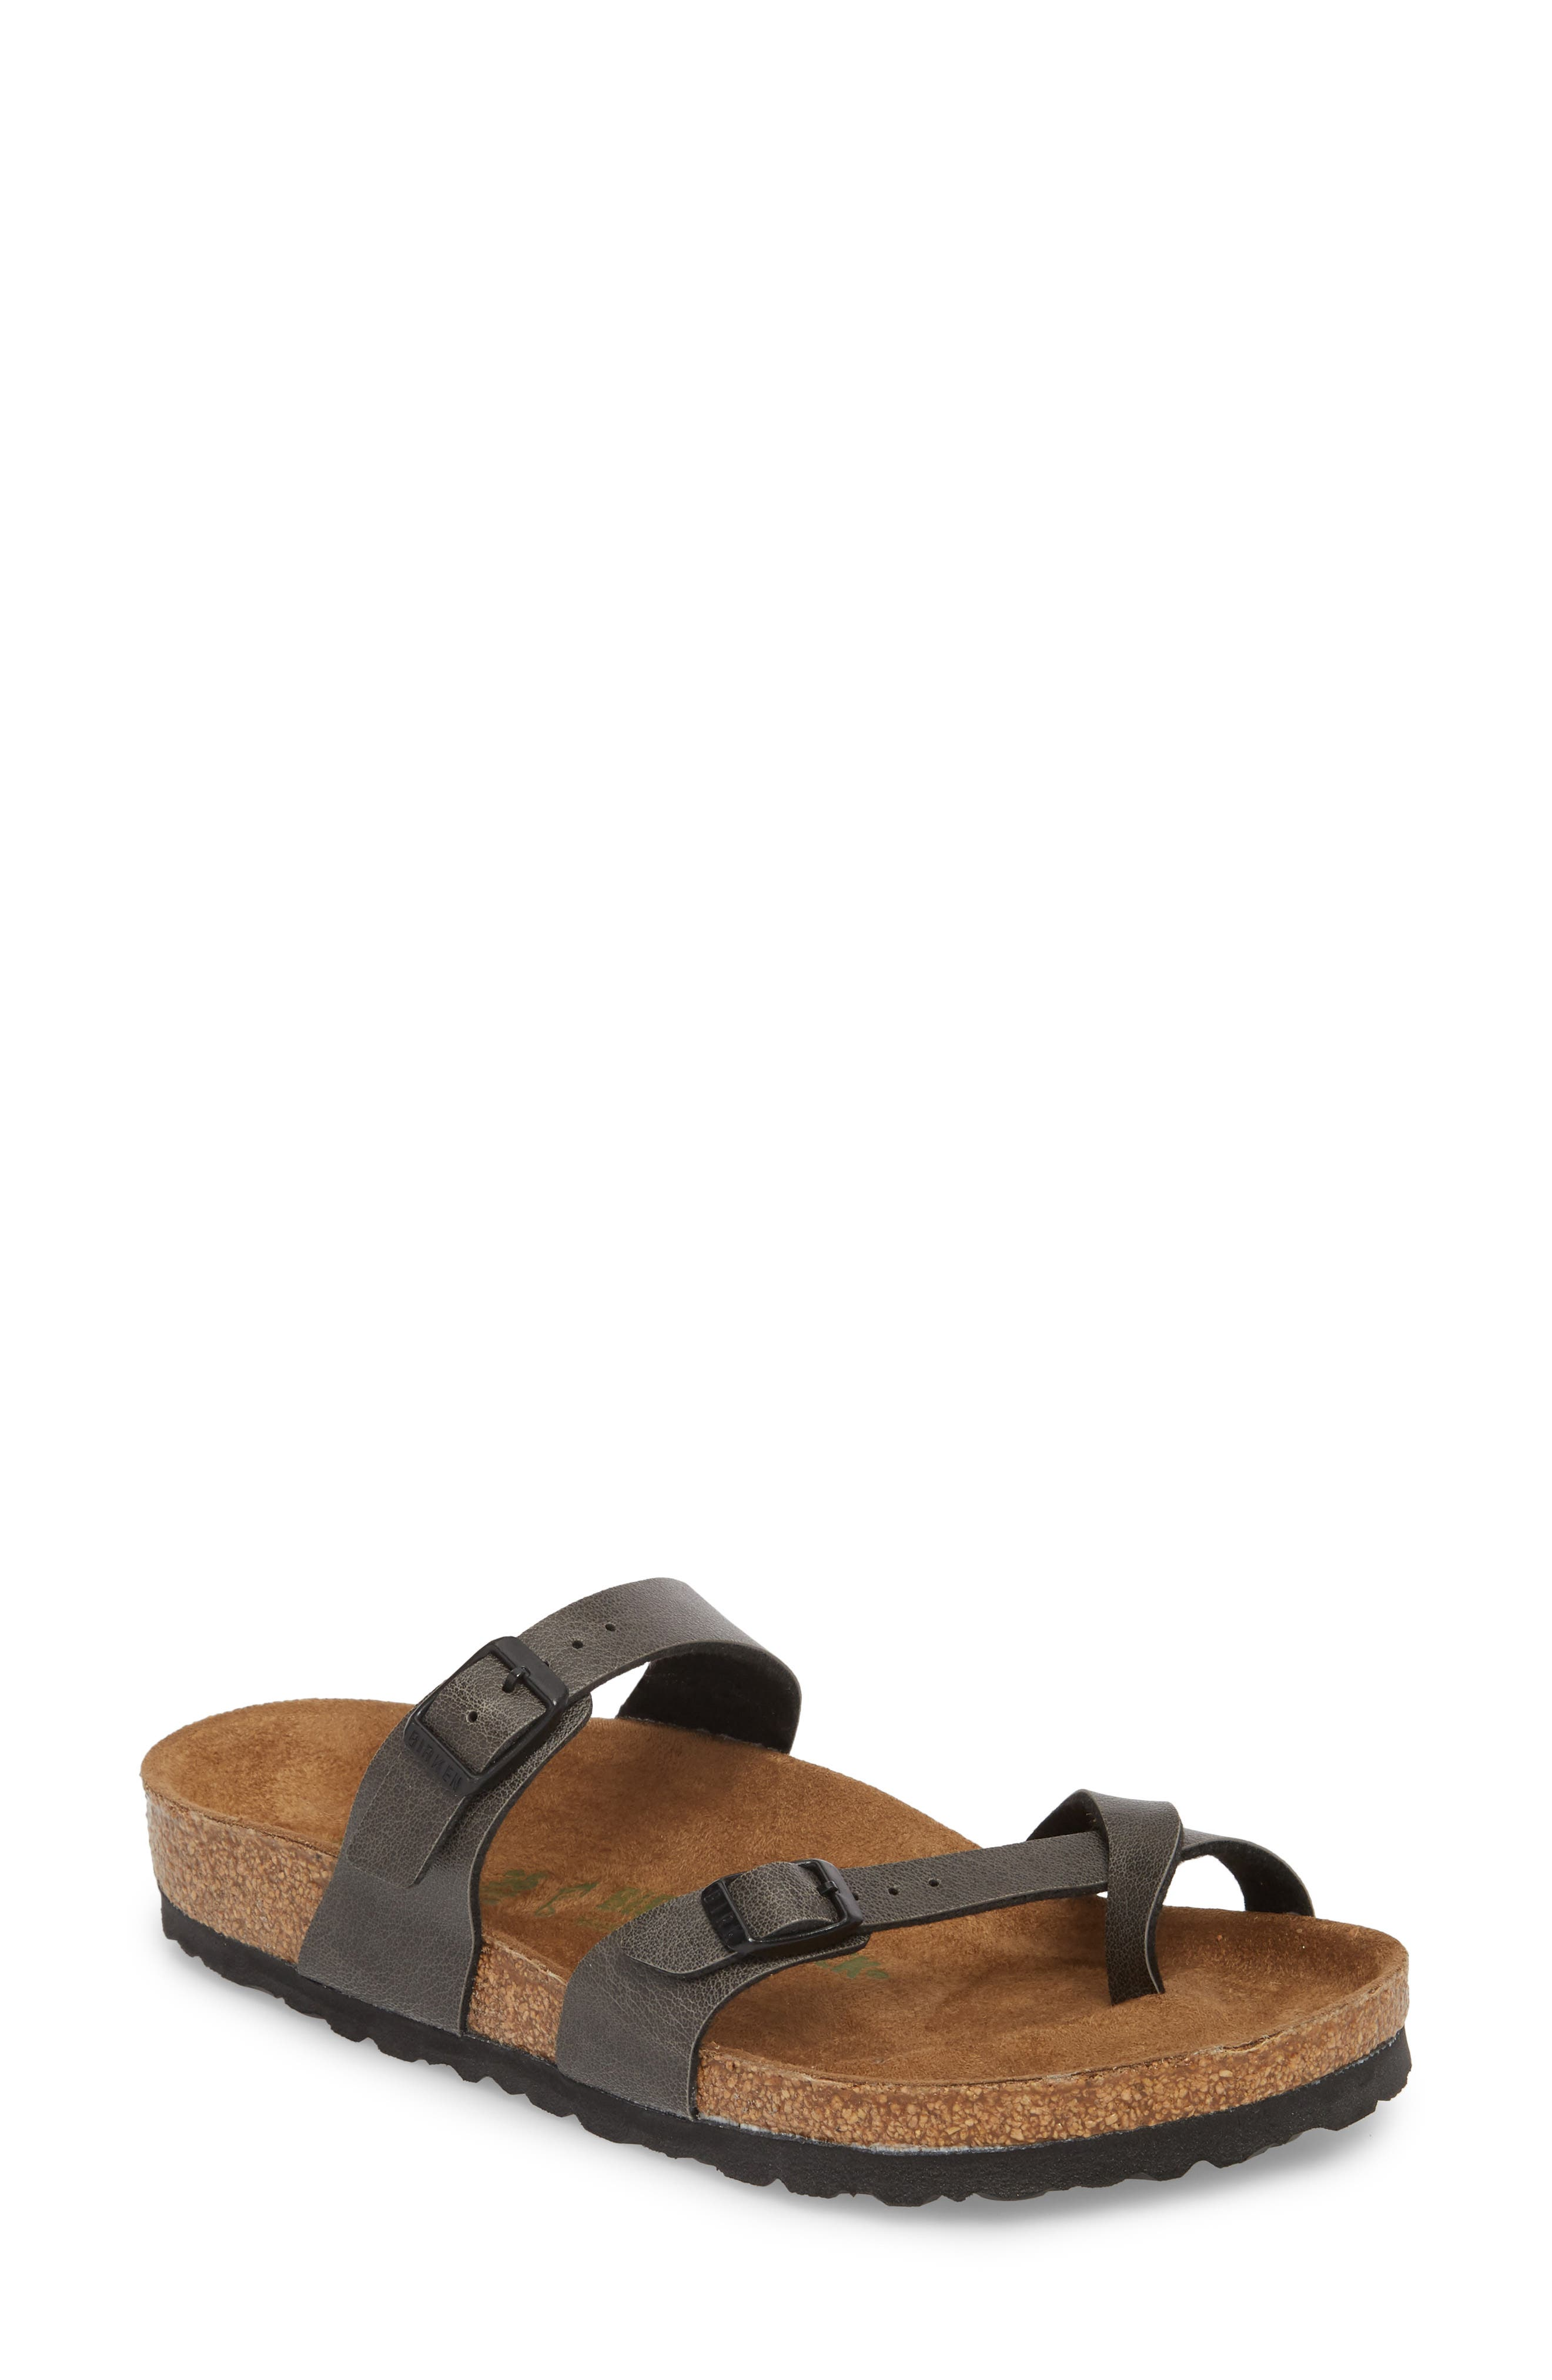 Birkenstock Mayari Birko-Flor(TM) Slide Sandal,7.5 - Metallic